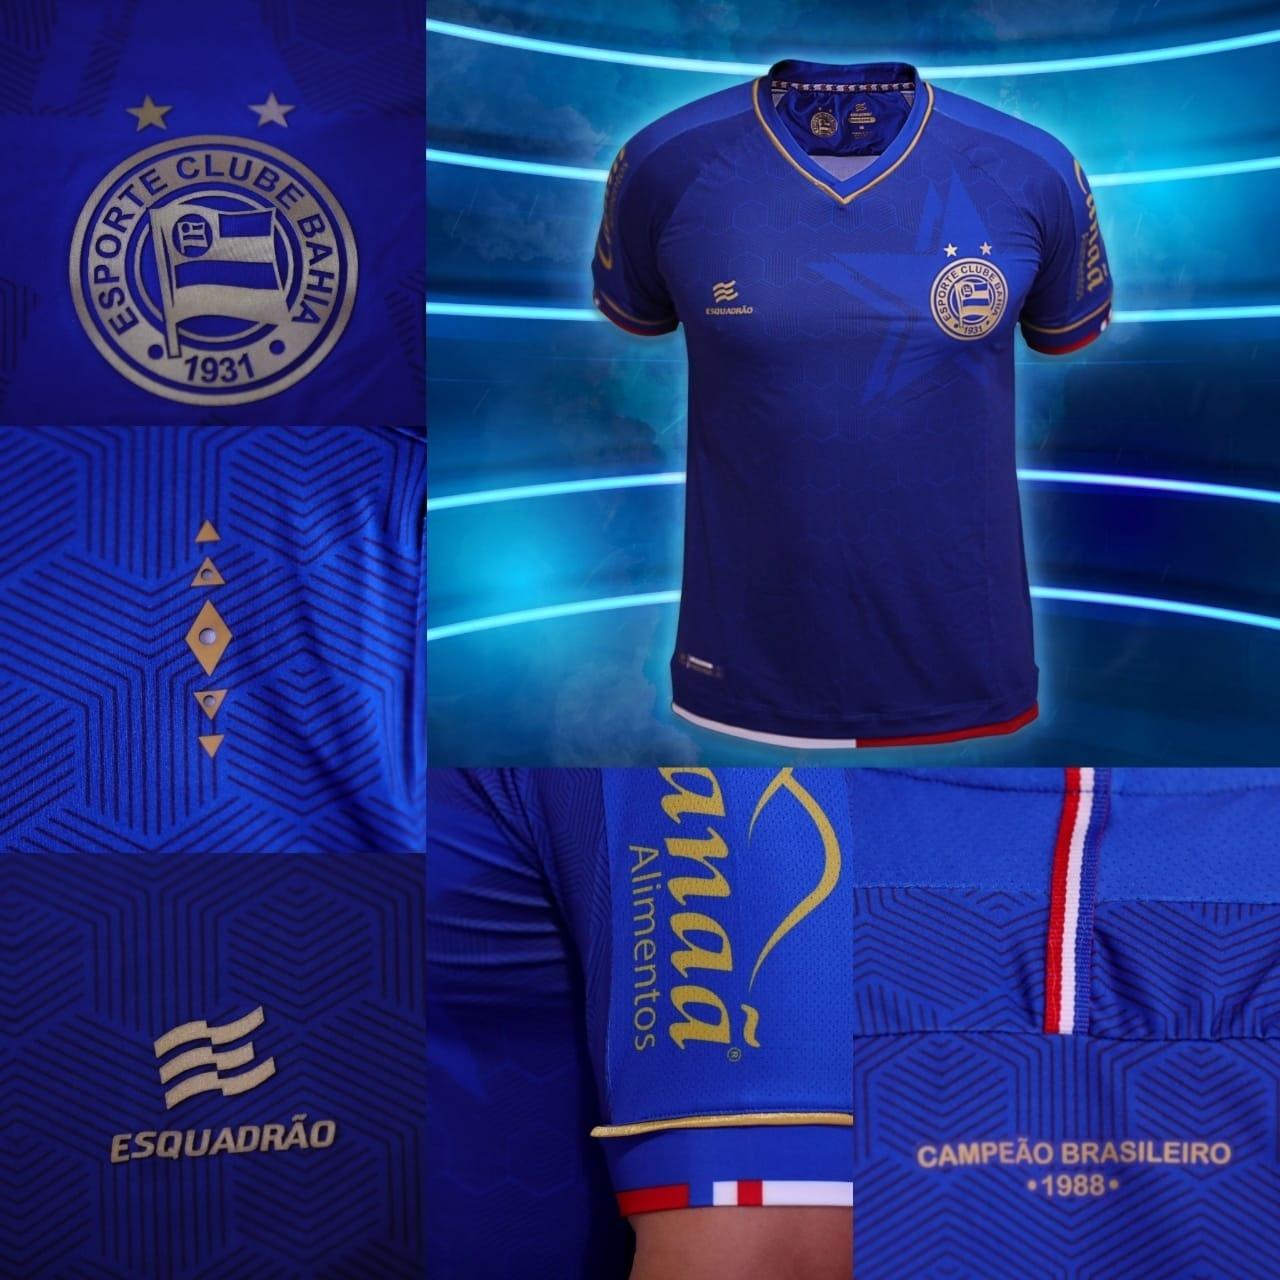 a2cdb502831d1 Detalhes do novo terceiro uniforme do Bahia